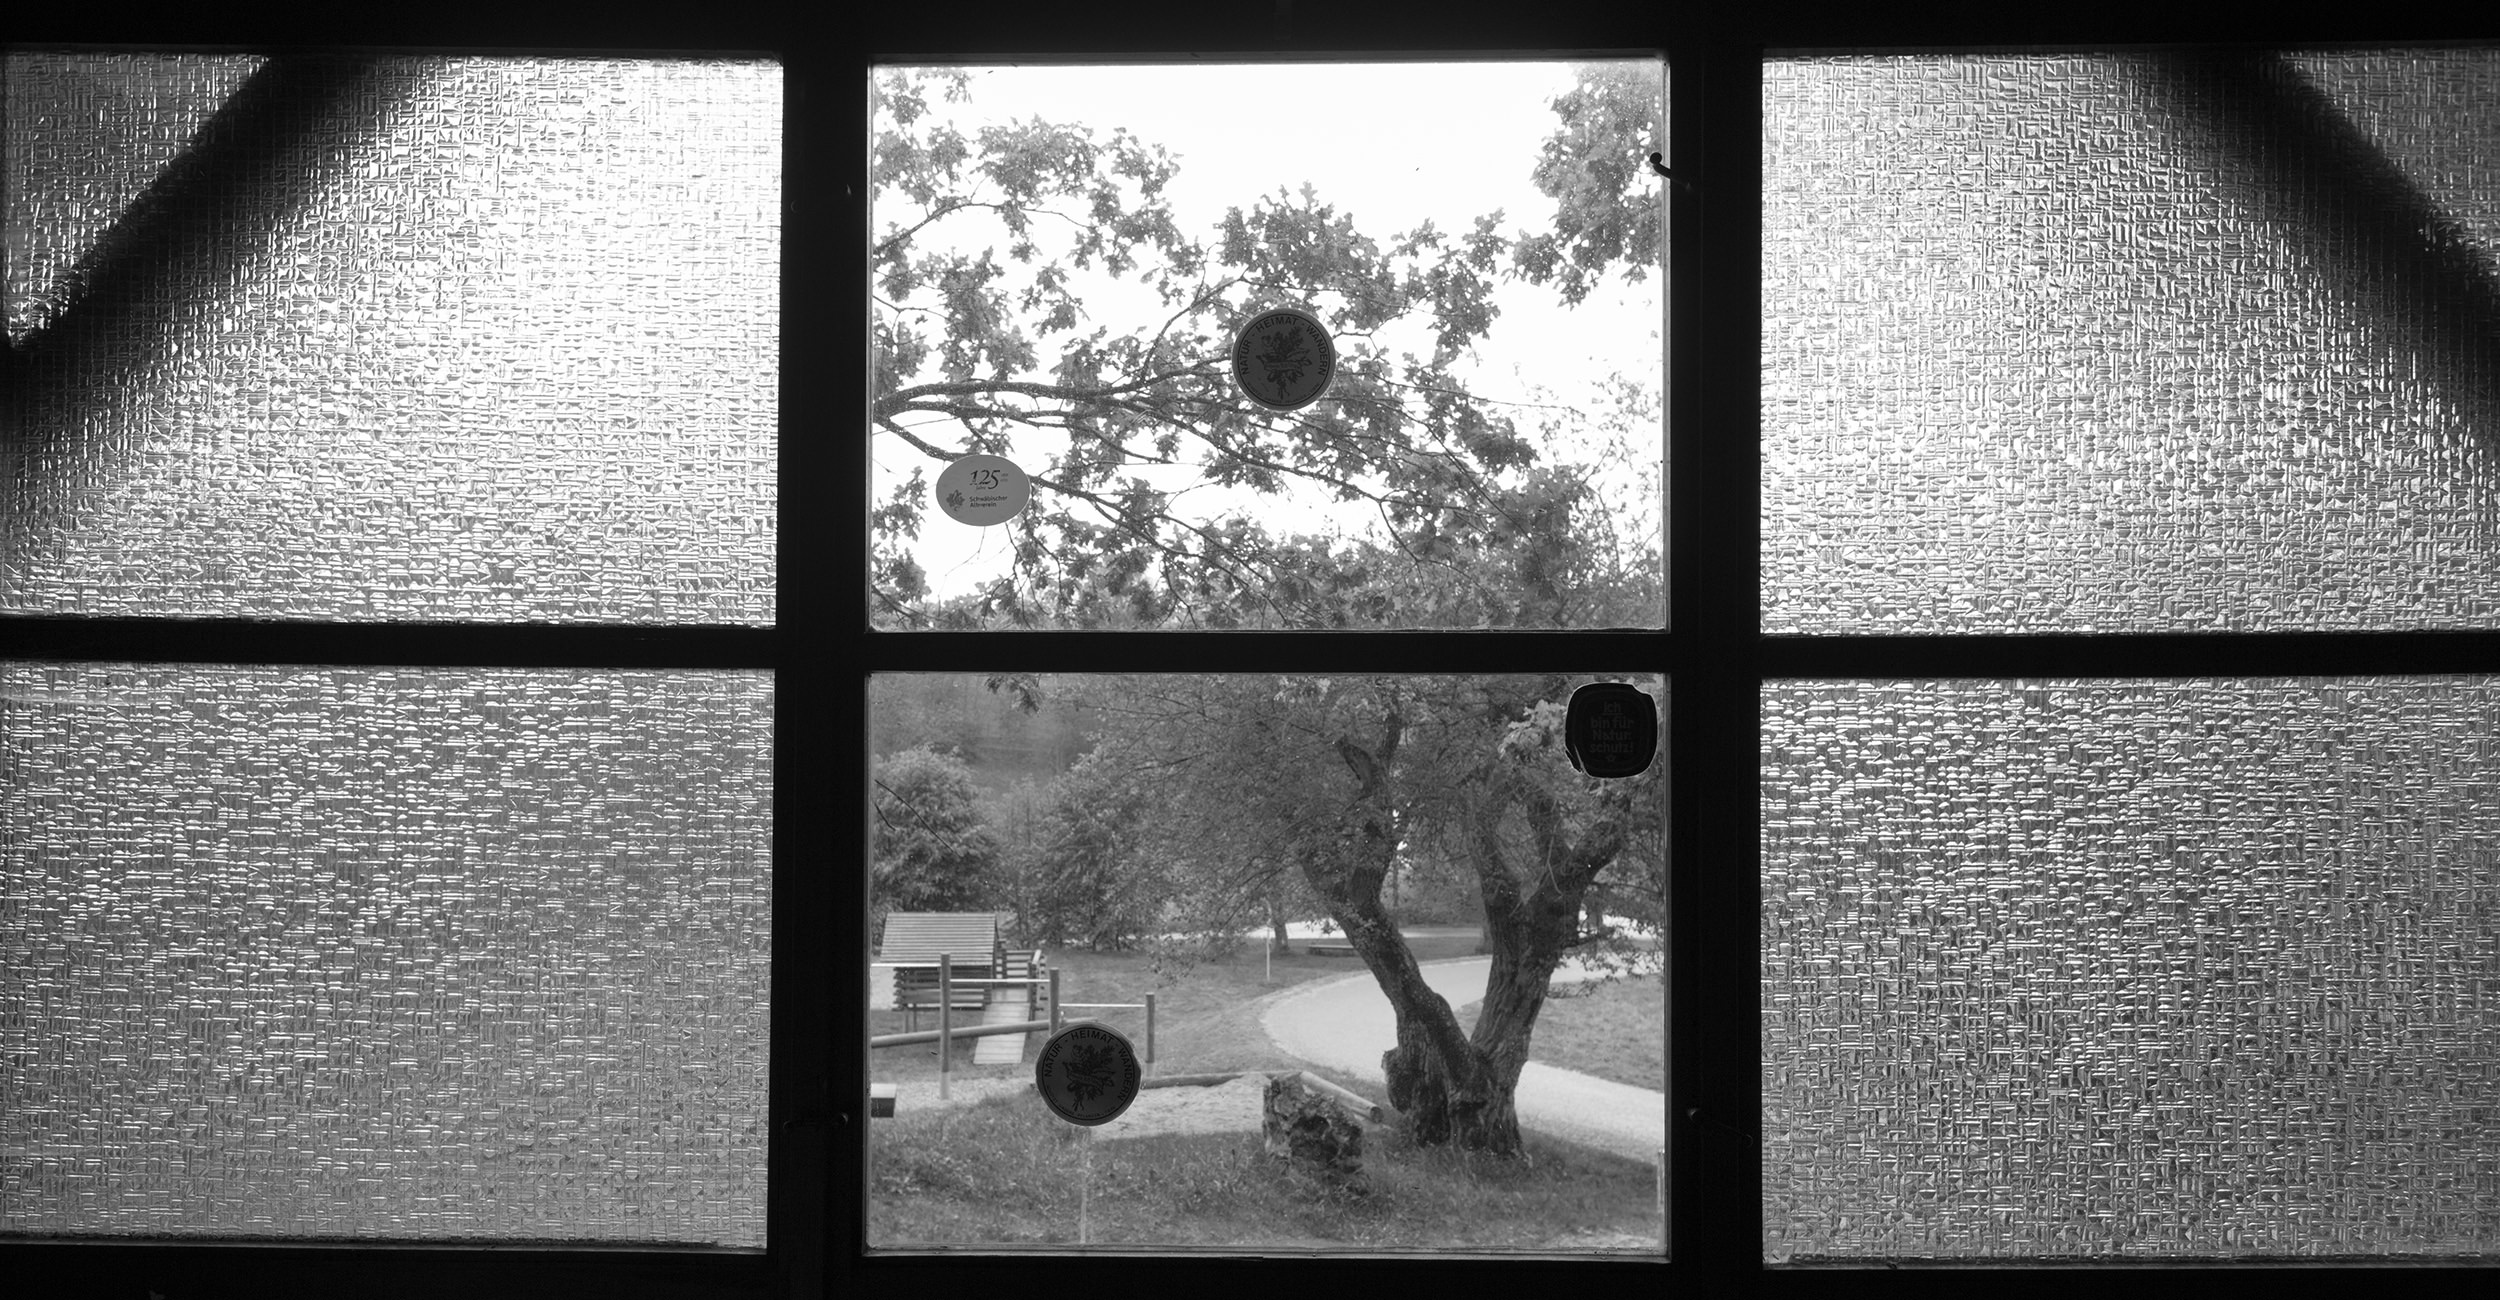 Blick durch das Fenster der Schutzhütte des Wanderverein Melchingen.